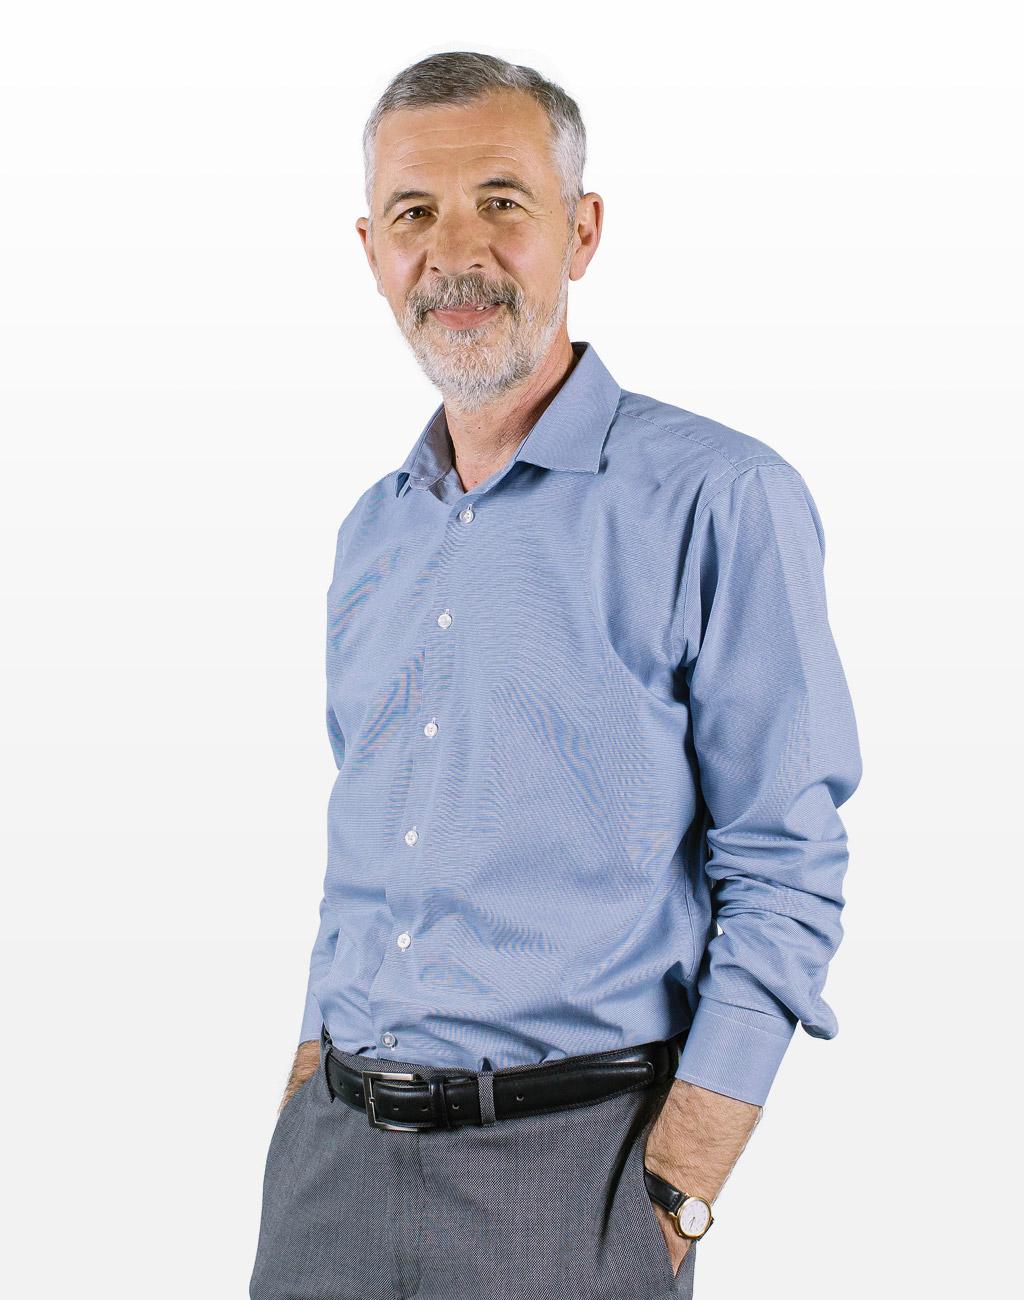 Branislav Vasic